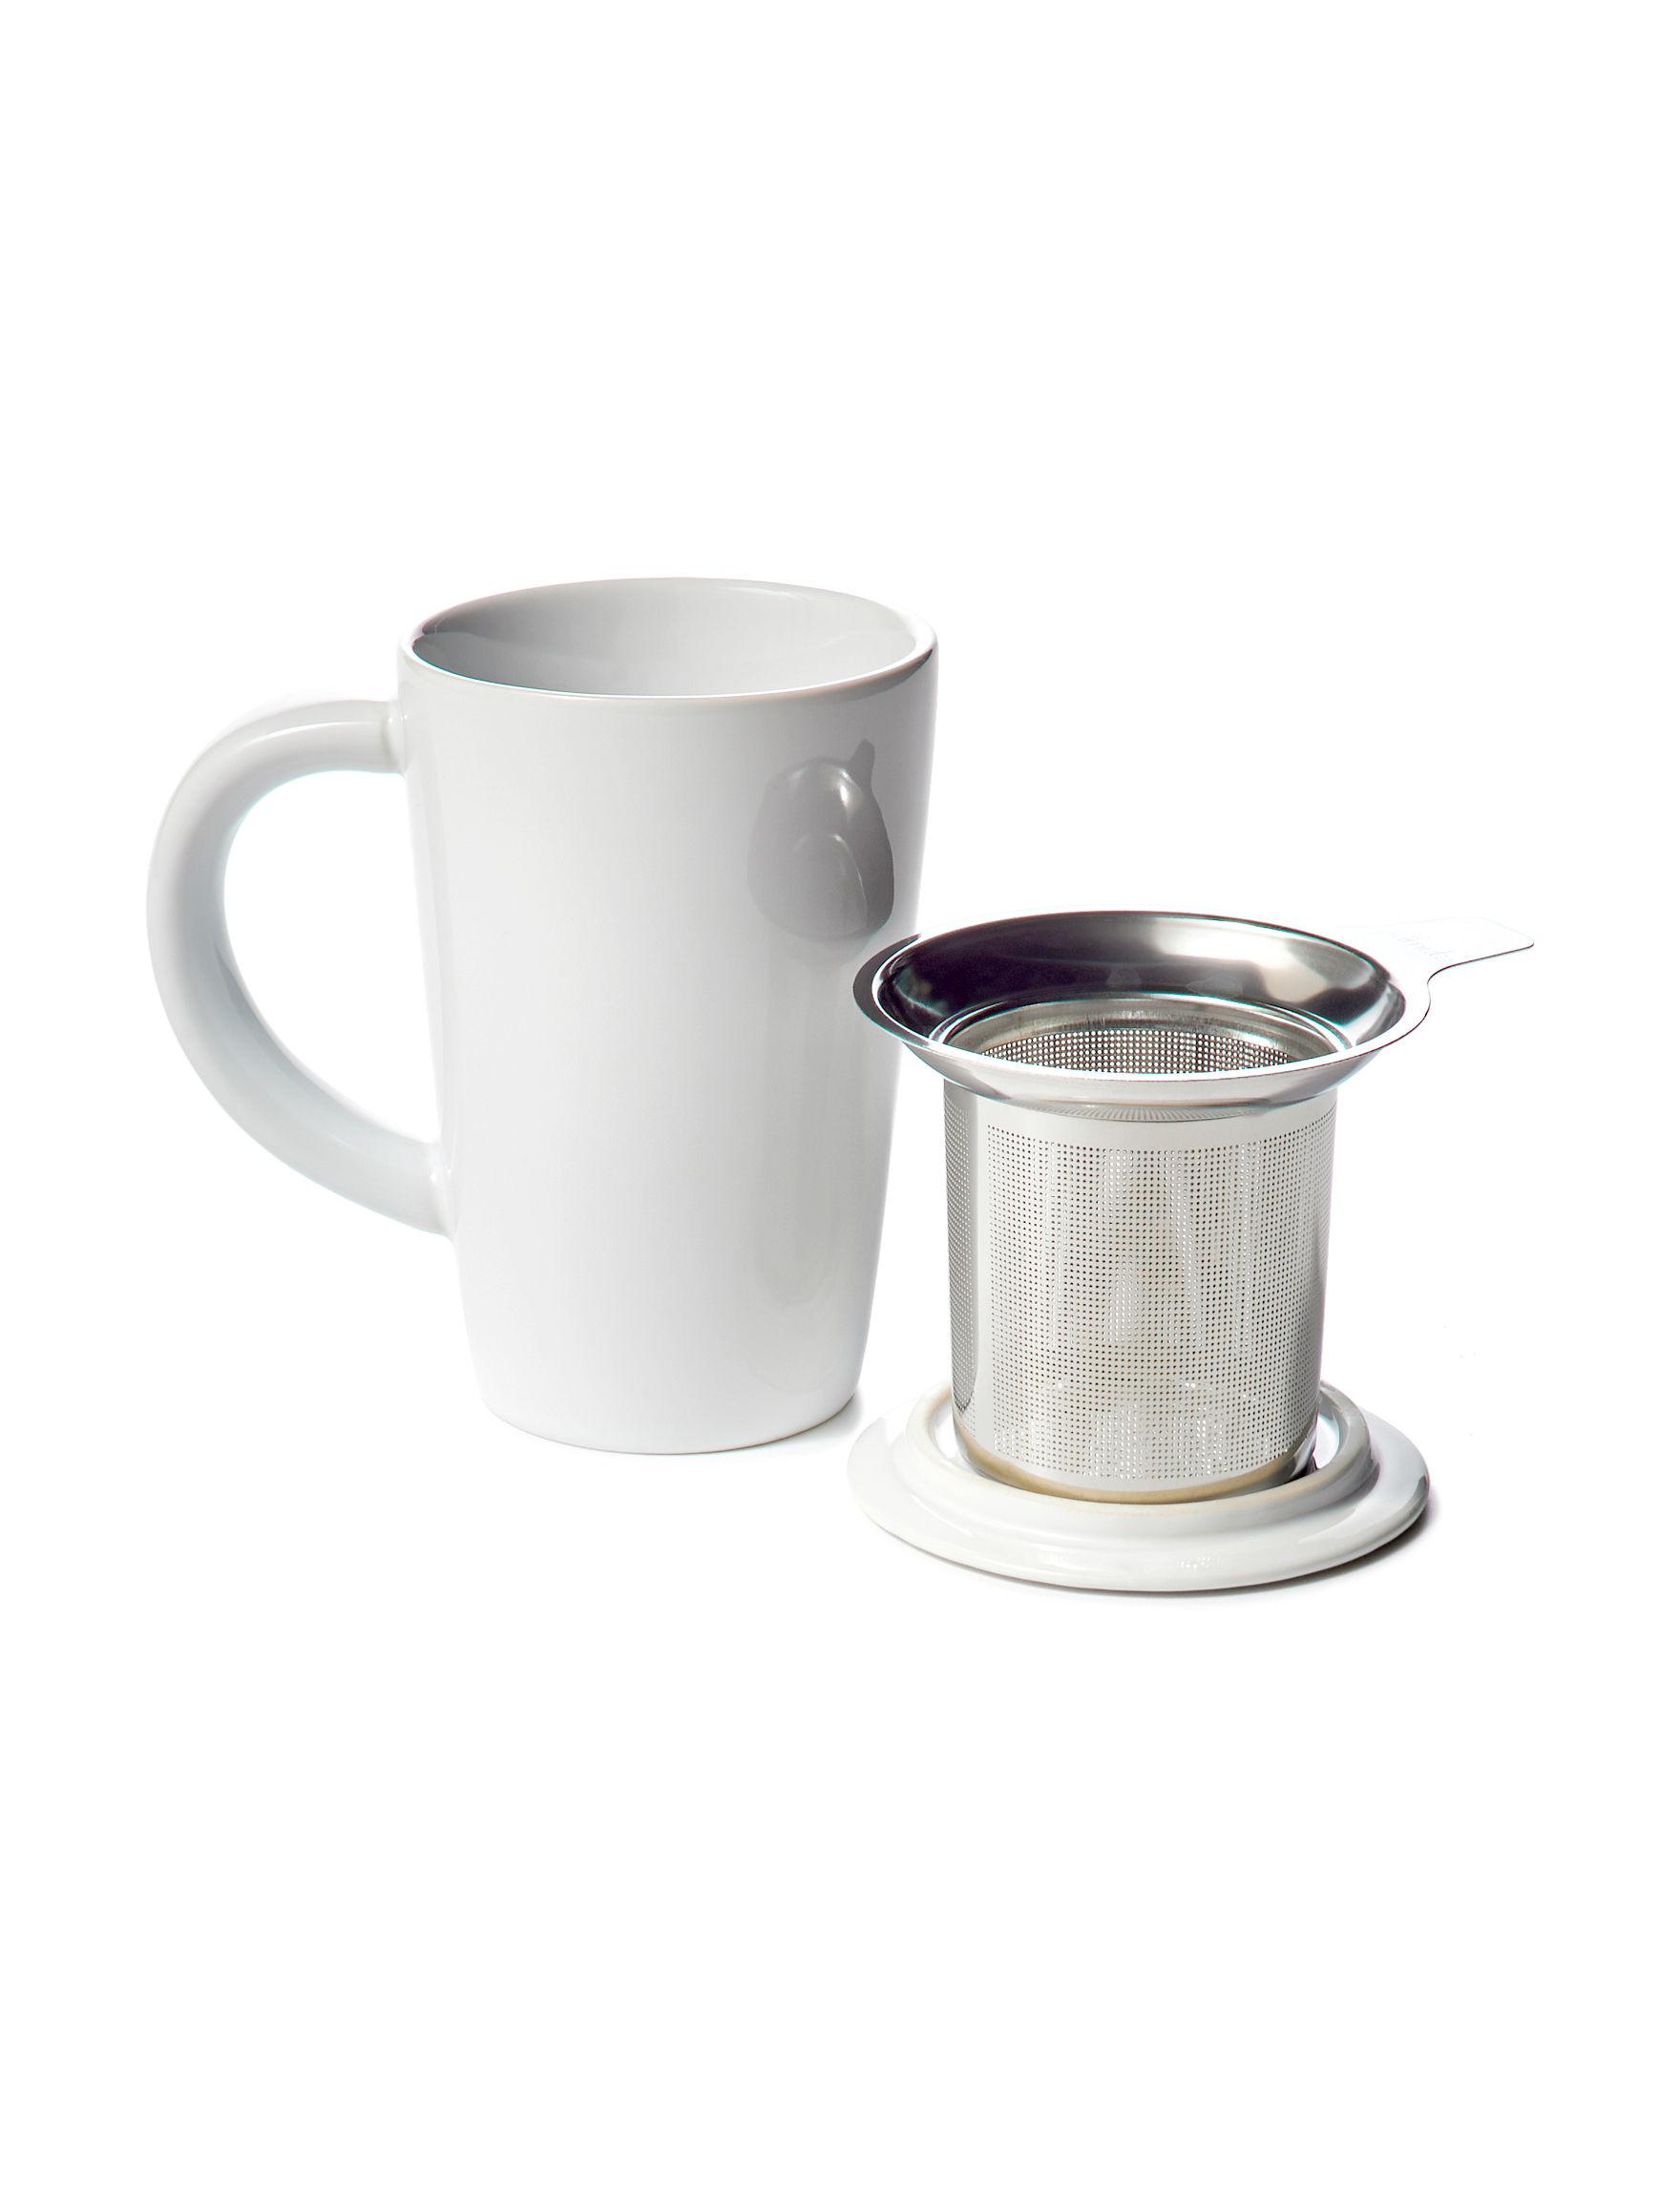 Primula White / Silver Mugs Teapots Drinkware